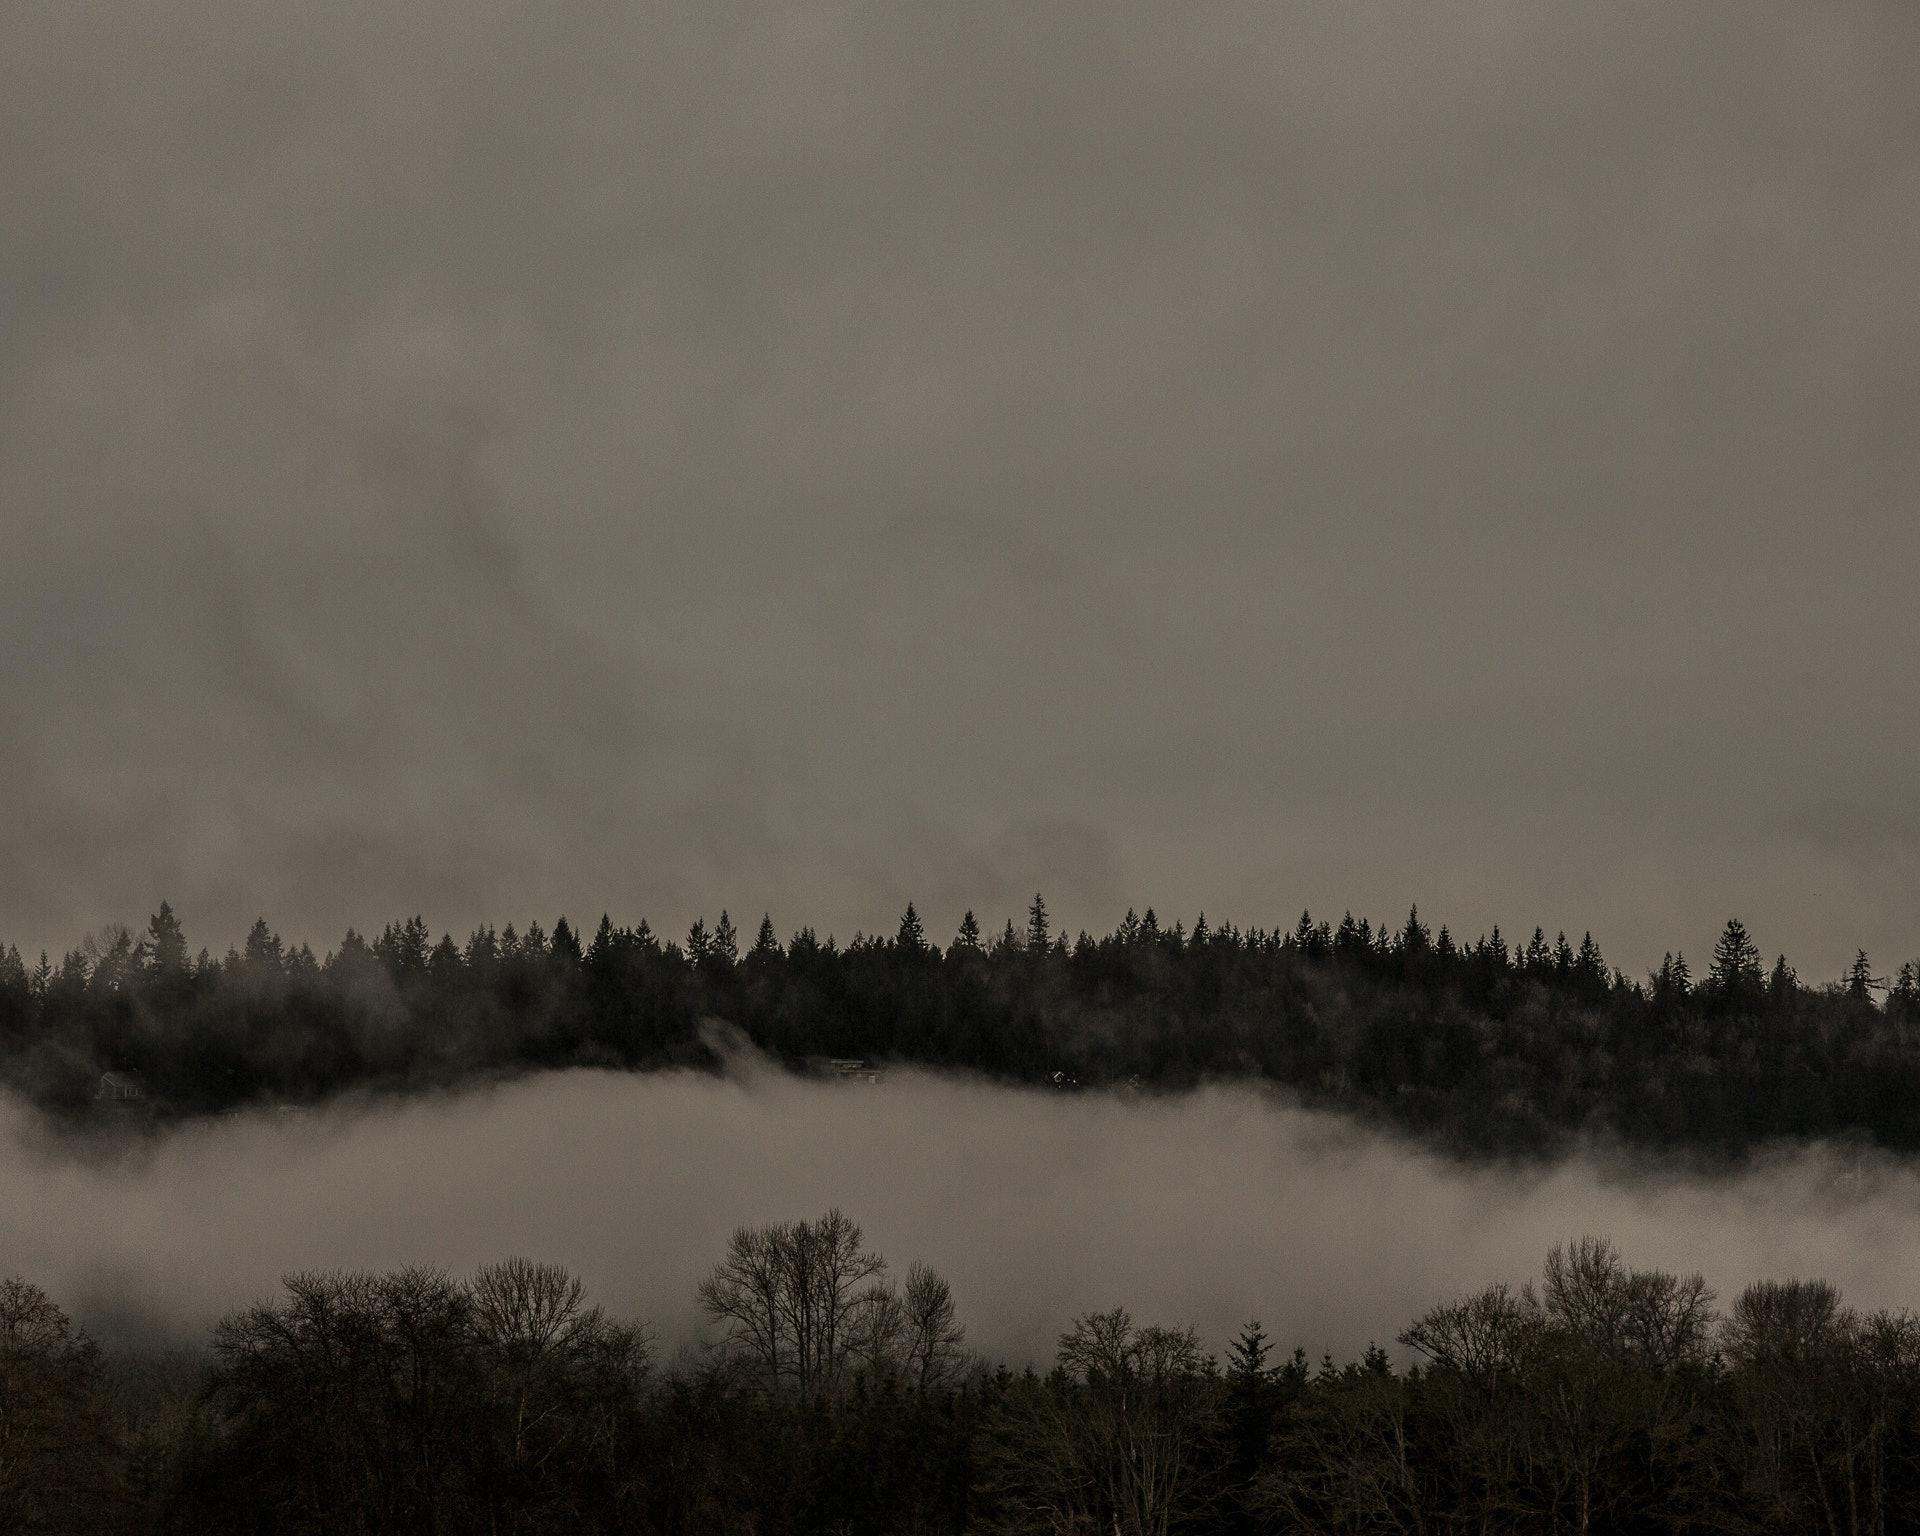 BOYKO_twin-peaks_04